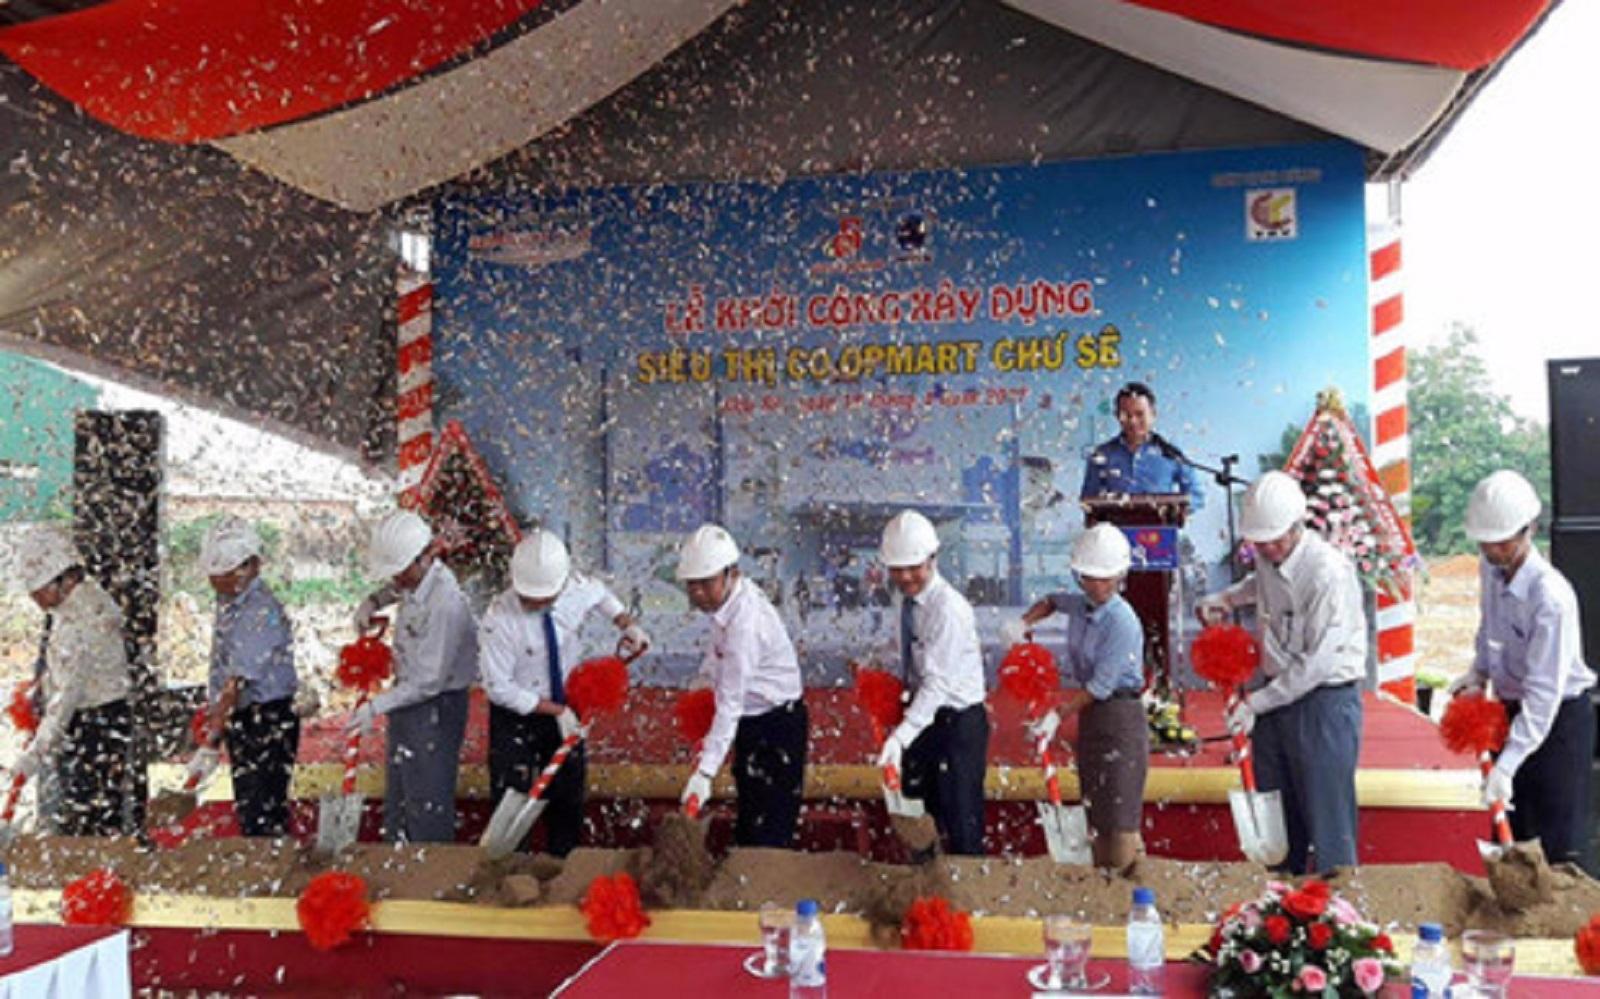 Gia Lai: Saigon Co.op khởi công xây dựng siêu thị Co.opmart Chư Sê